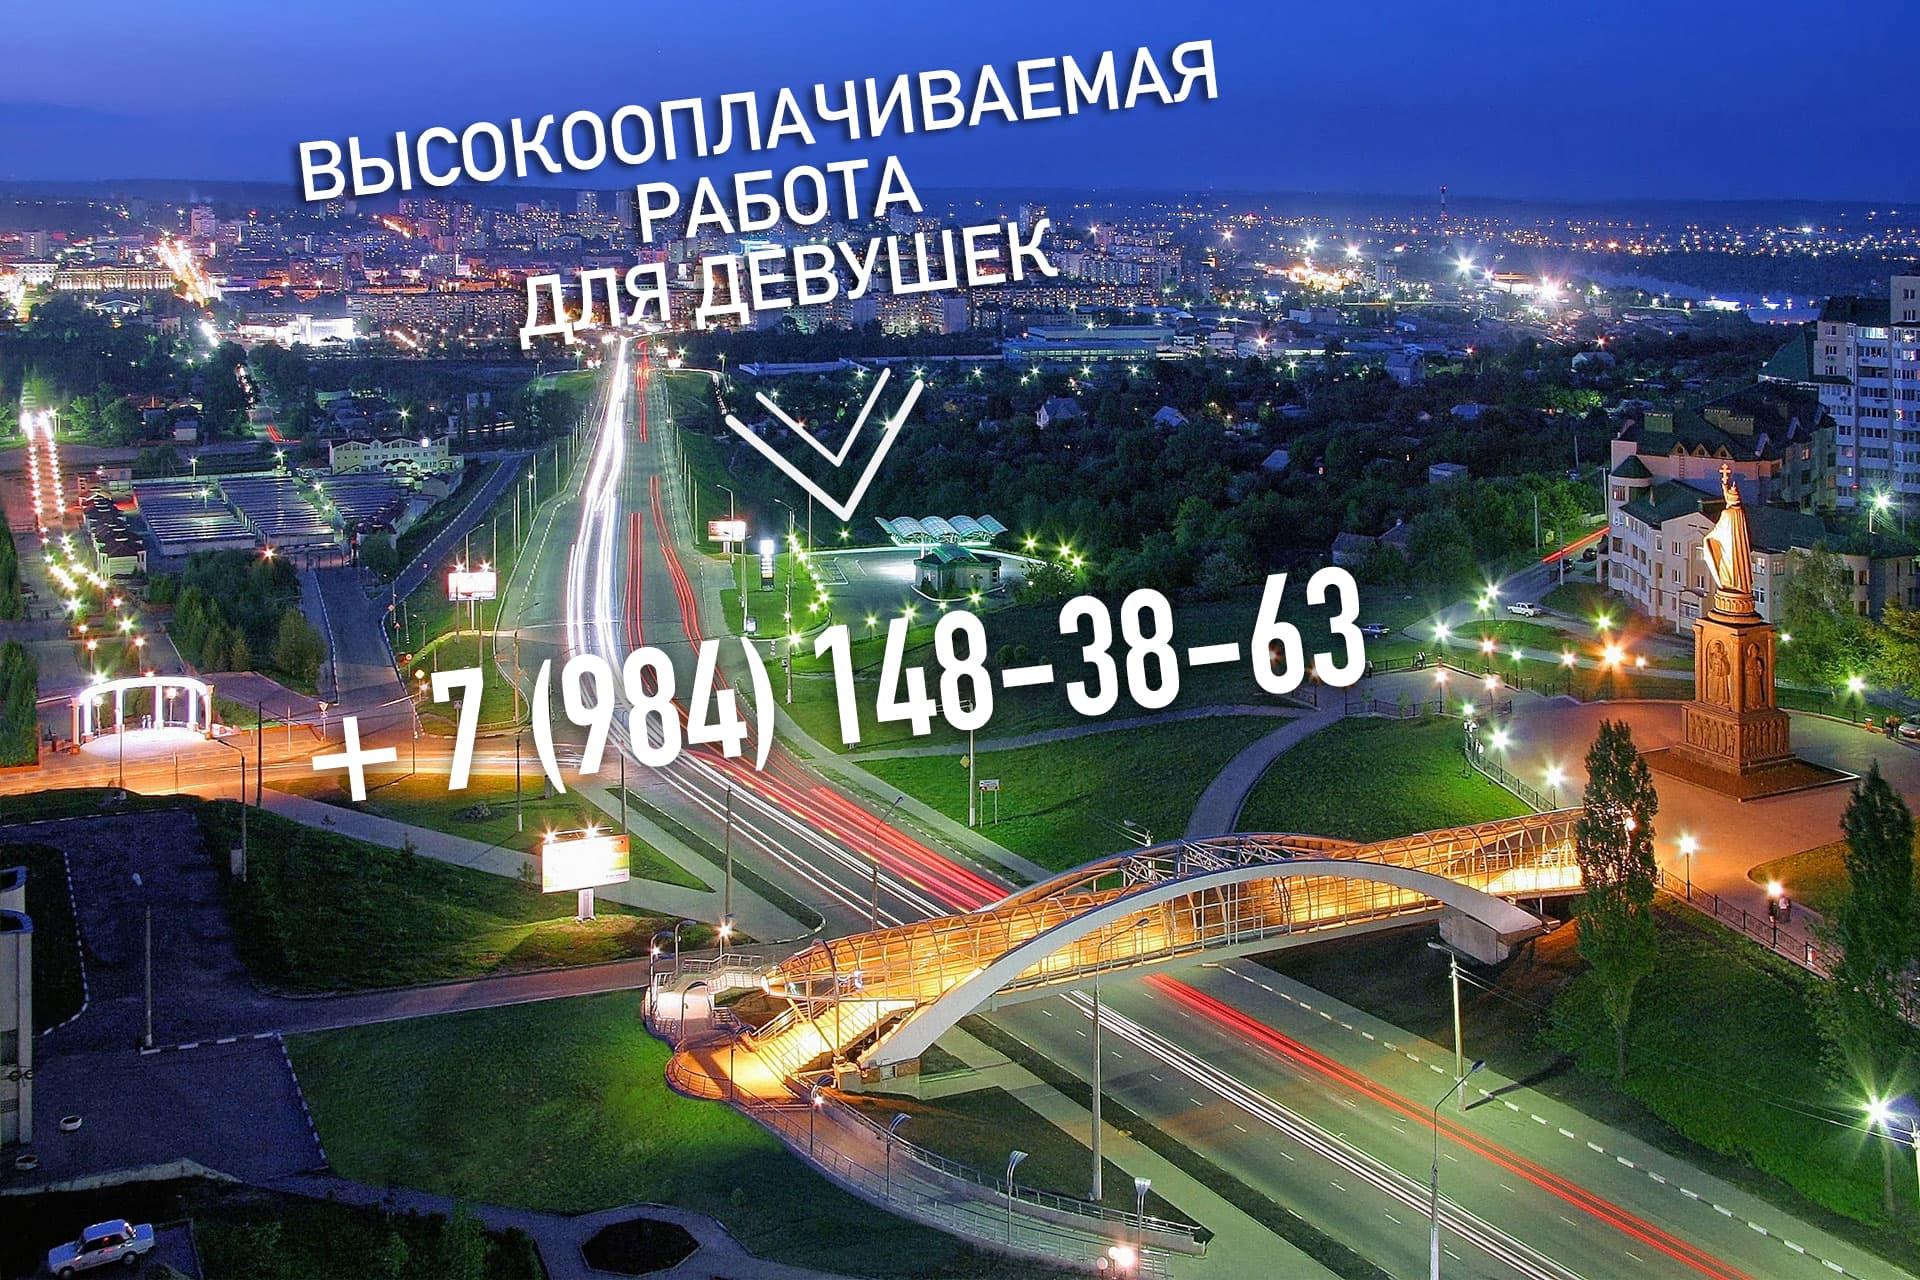 работа в эскорте в Белгороде